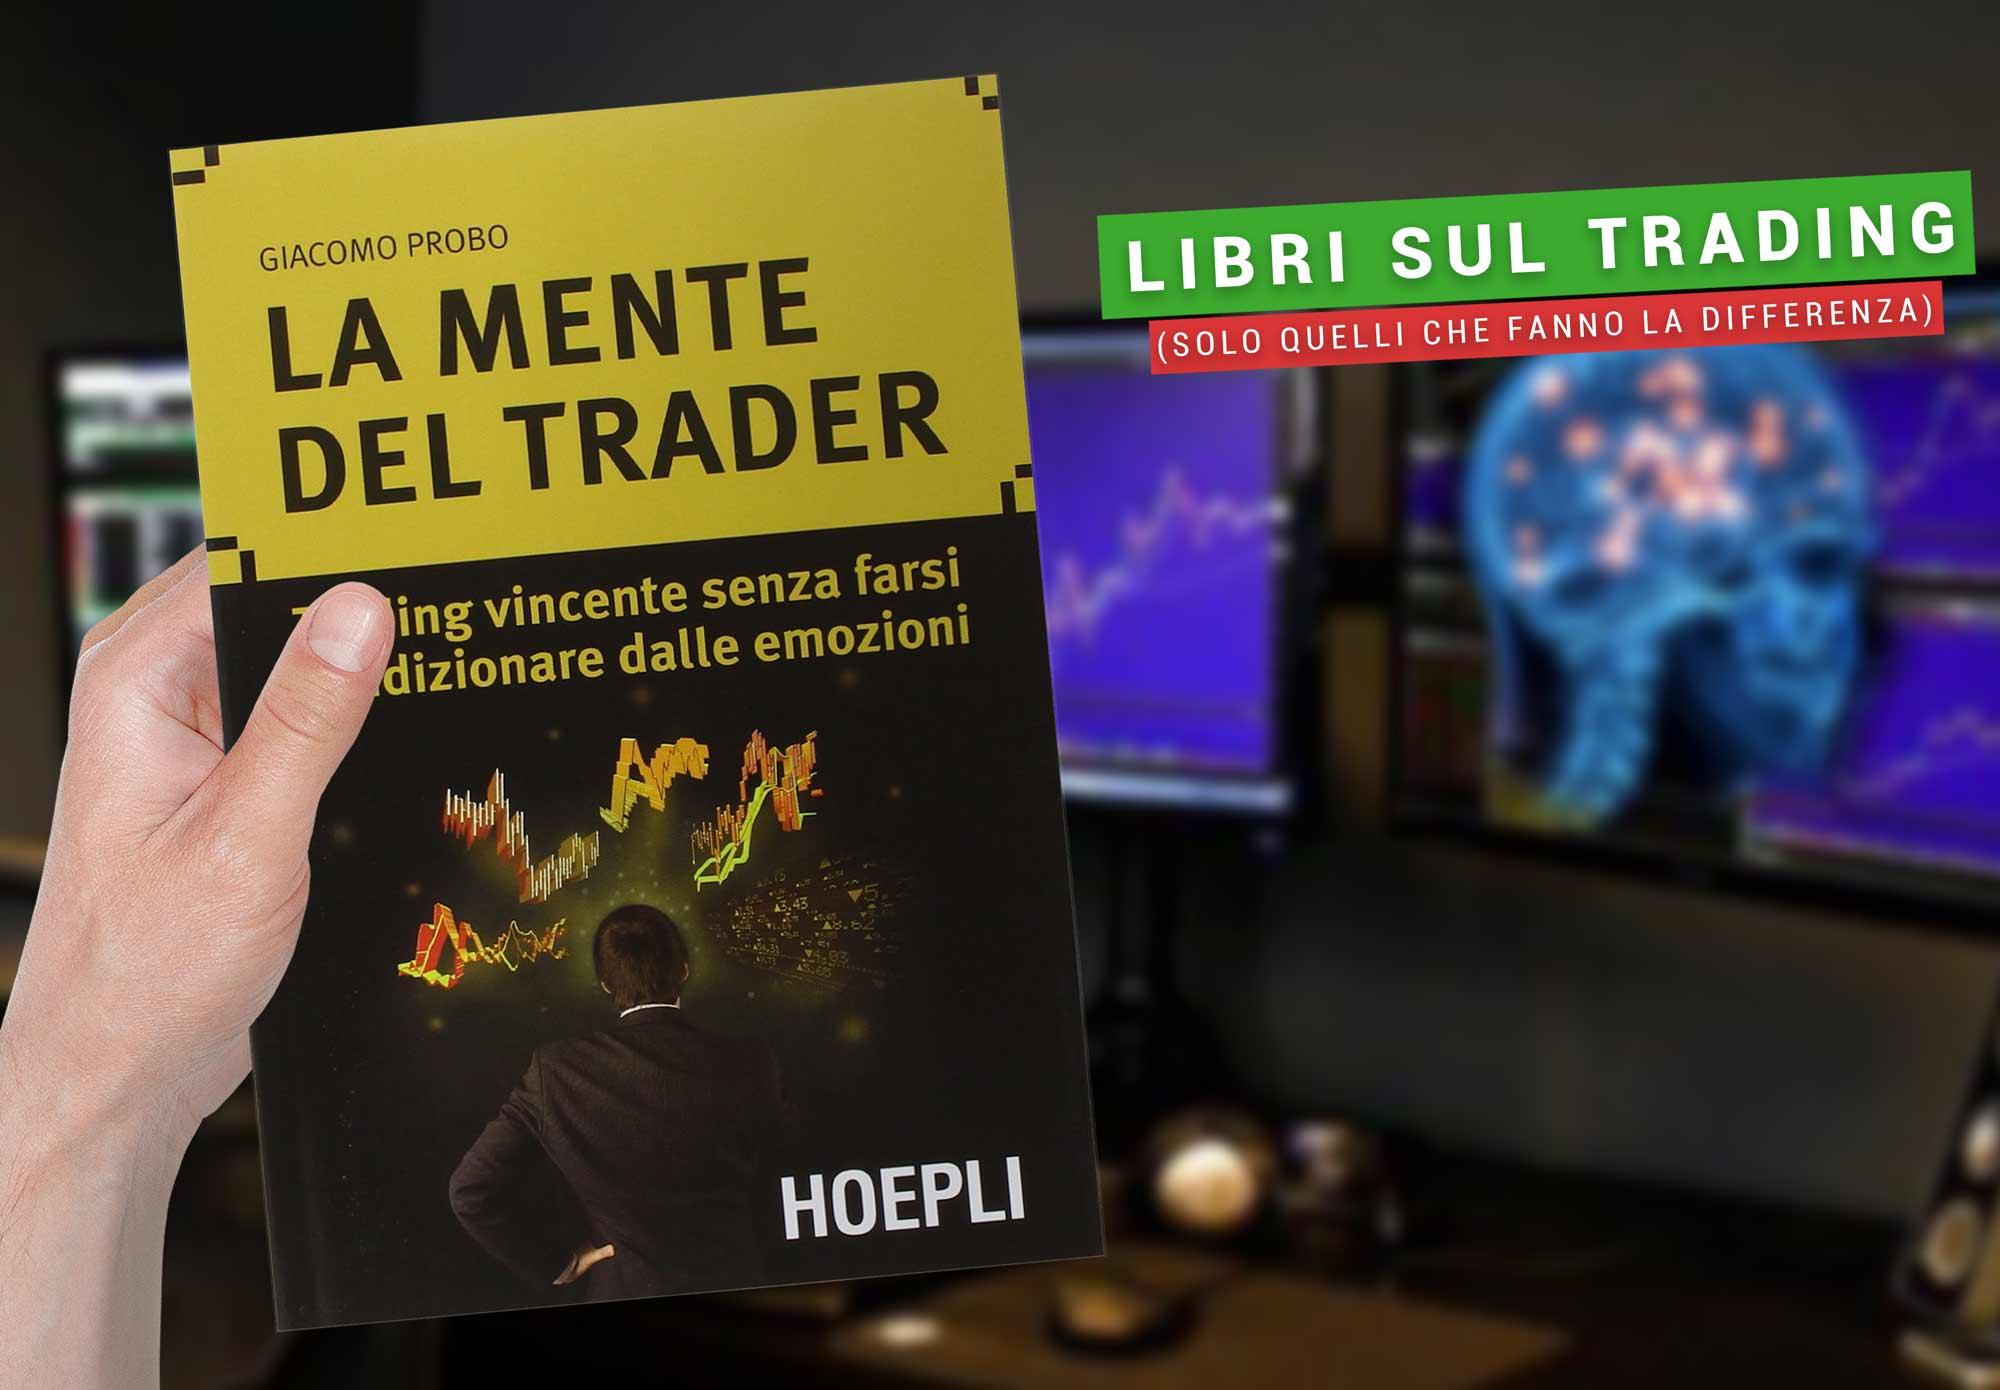 libri sul trading segnali forex vincenti